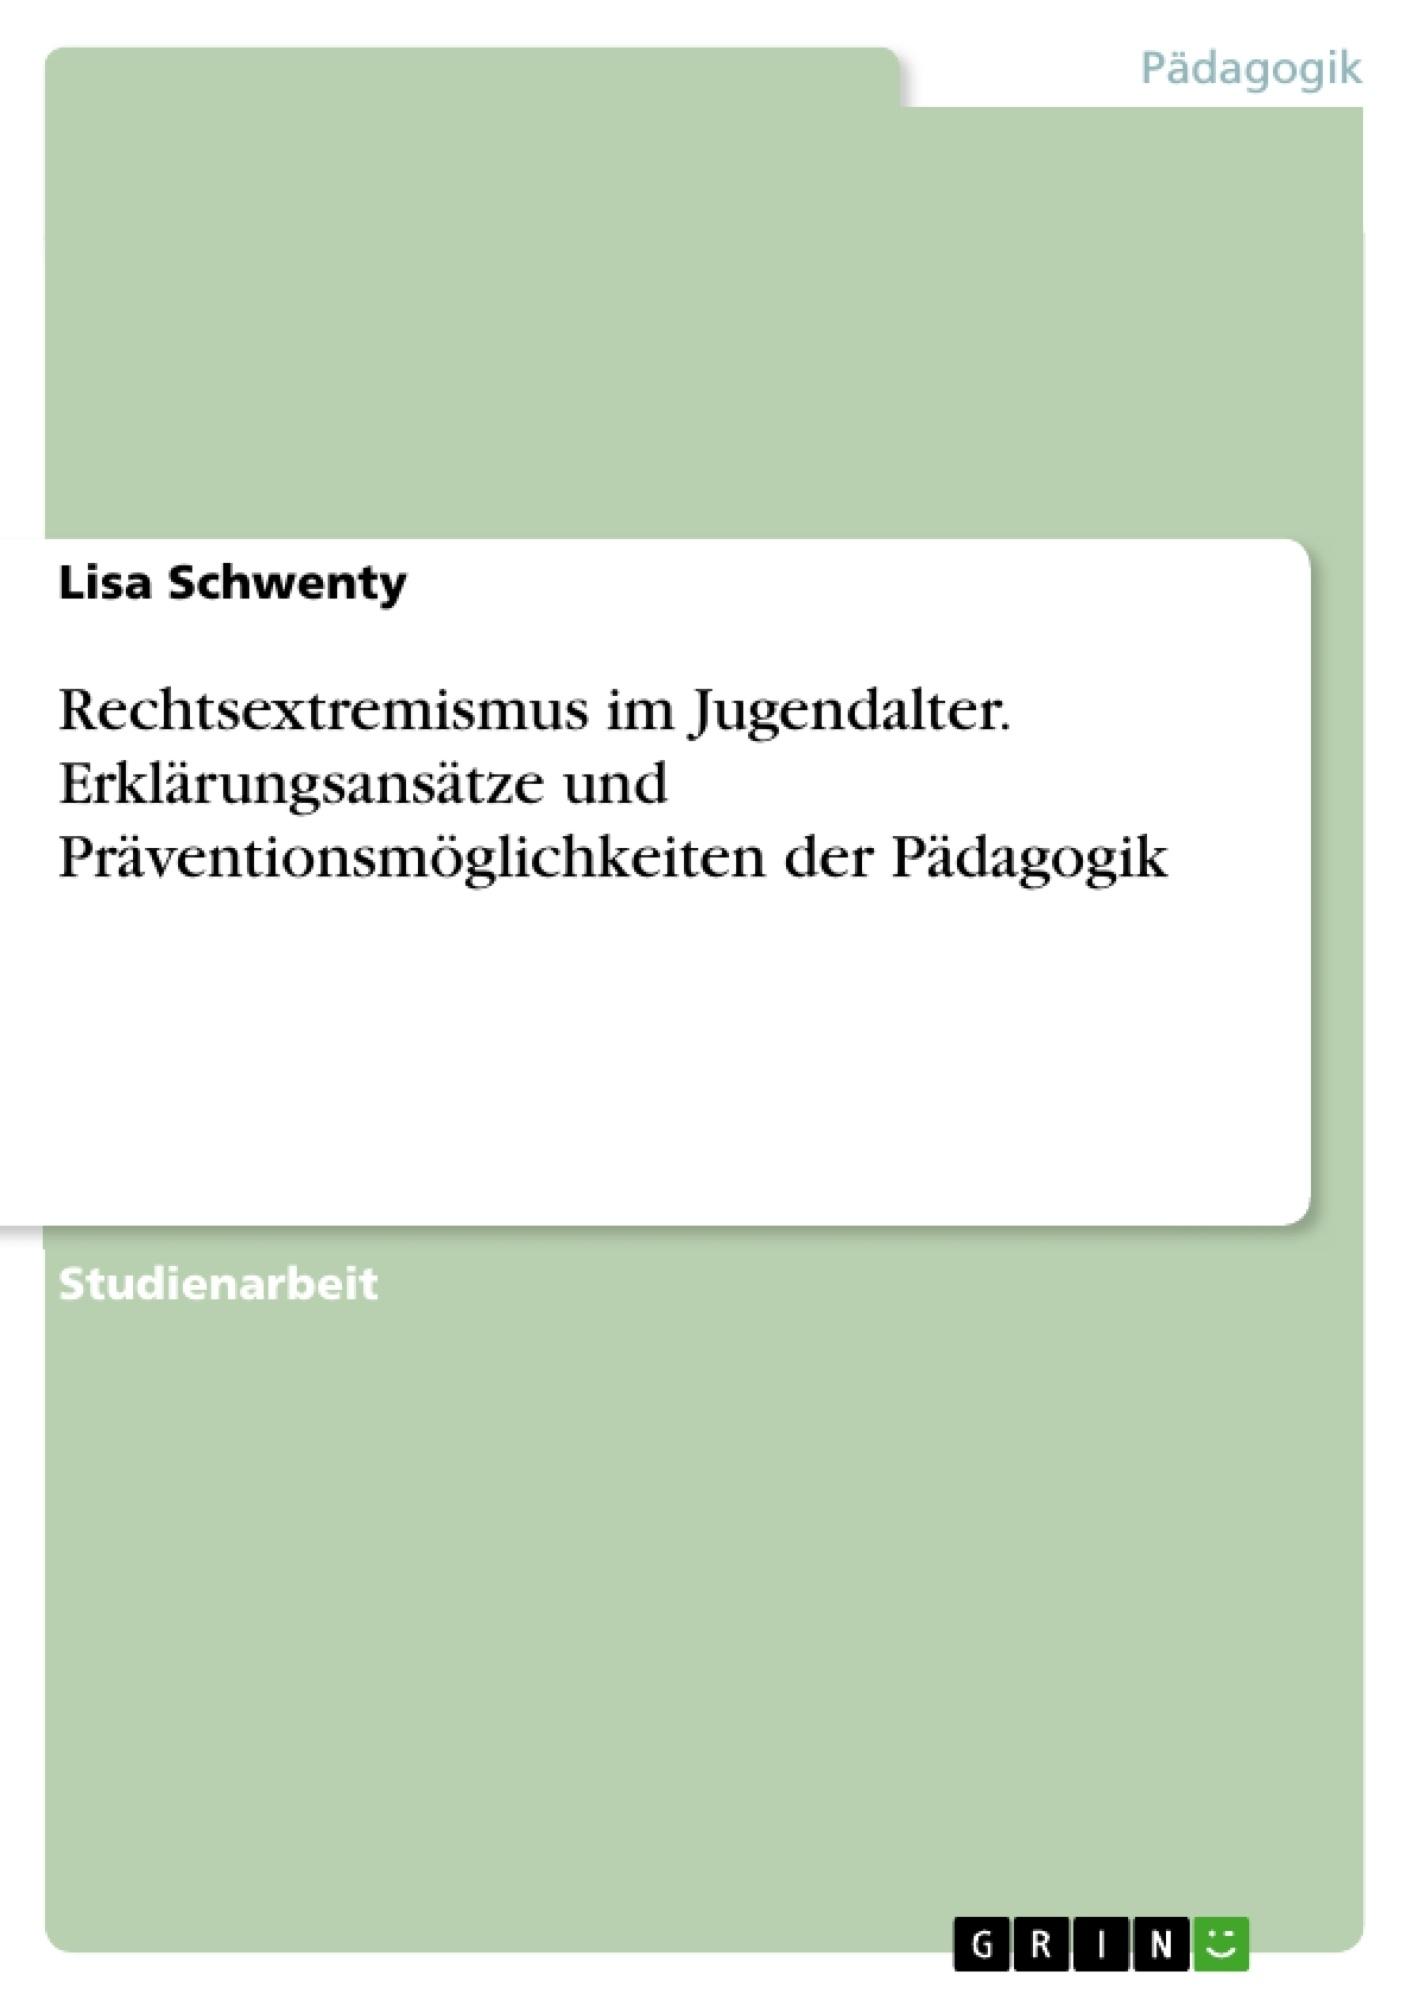 Titel: Rechtsextremismus im Jugendalter. Erklärungsansätze und Präventionsmöglichkeiten der Pädagogik